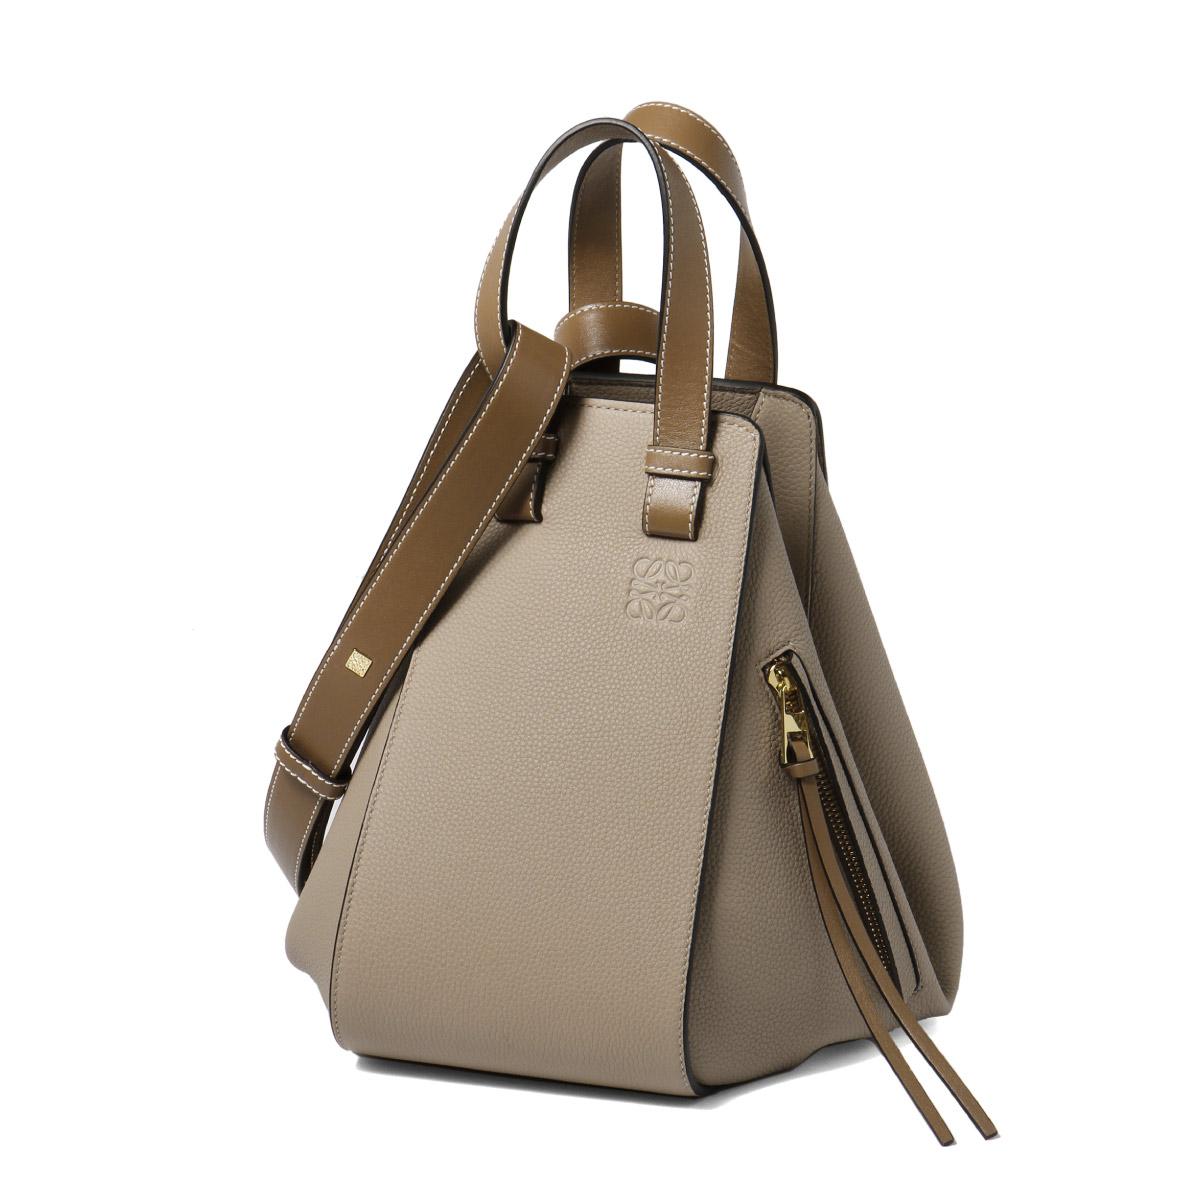 387 Loewe LOEWE bag lady 12KBN60 2566 shoulders handbag Small HAMMOCK hammock SANDMIN beige belonging to